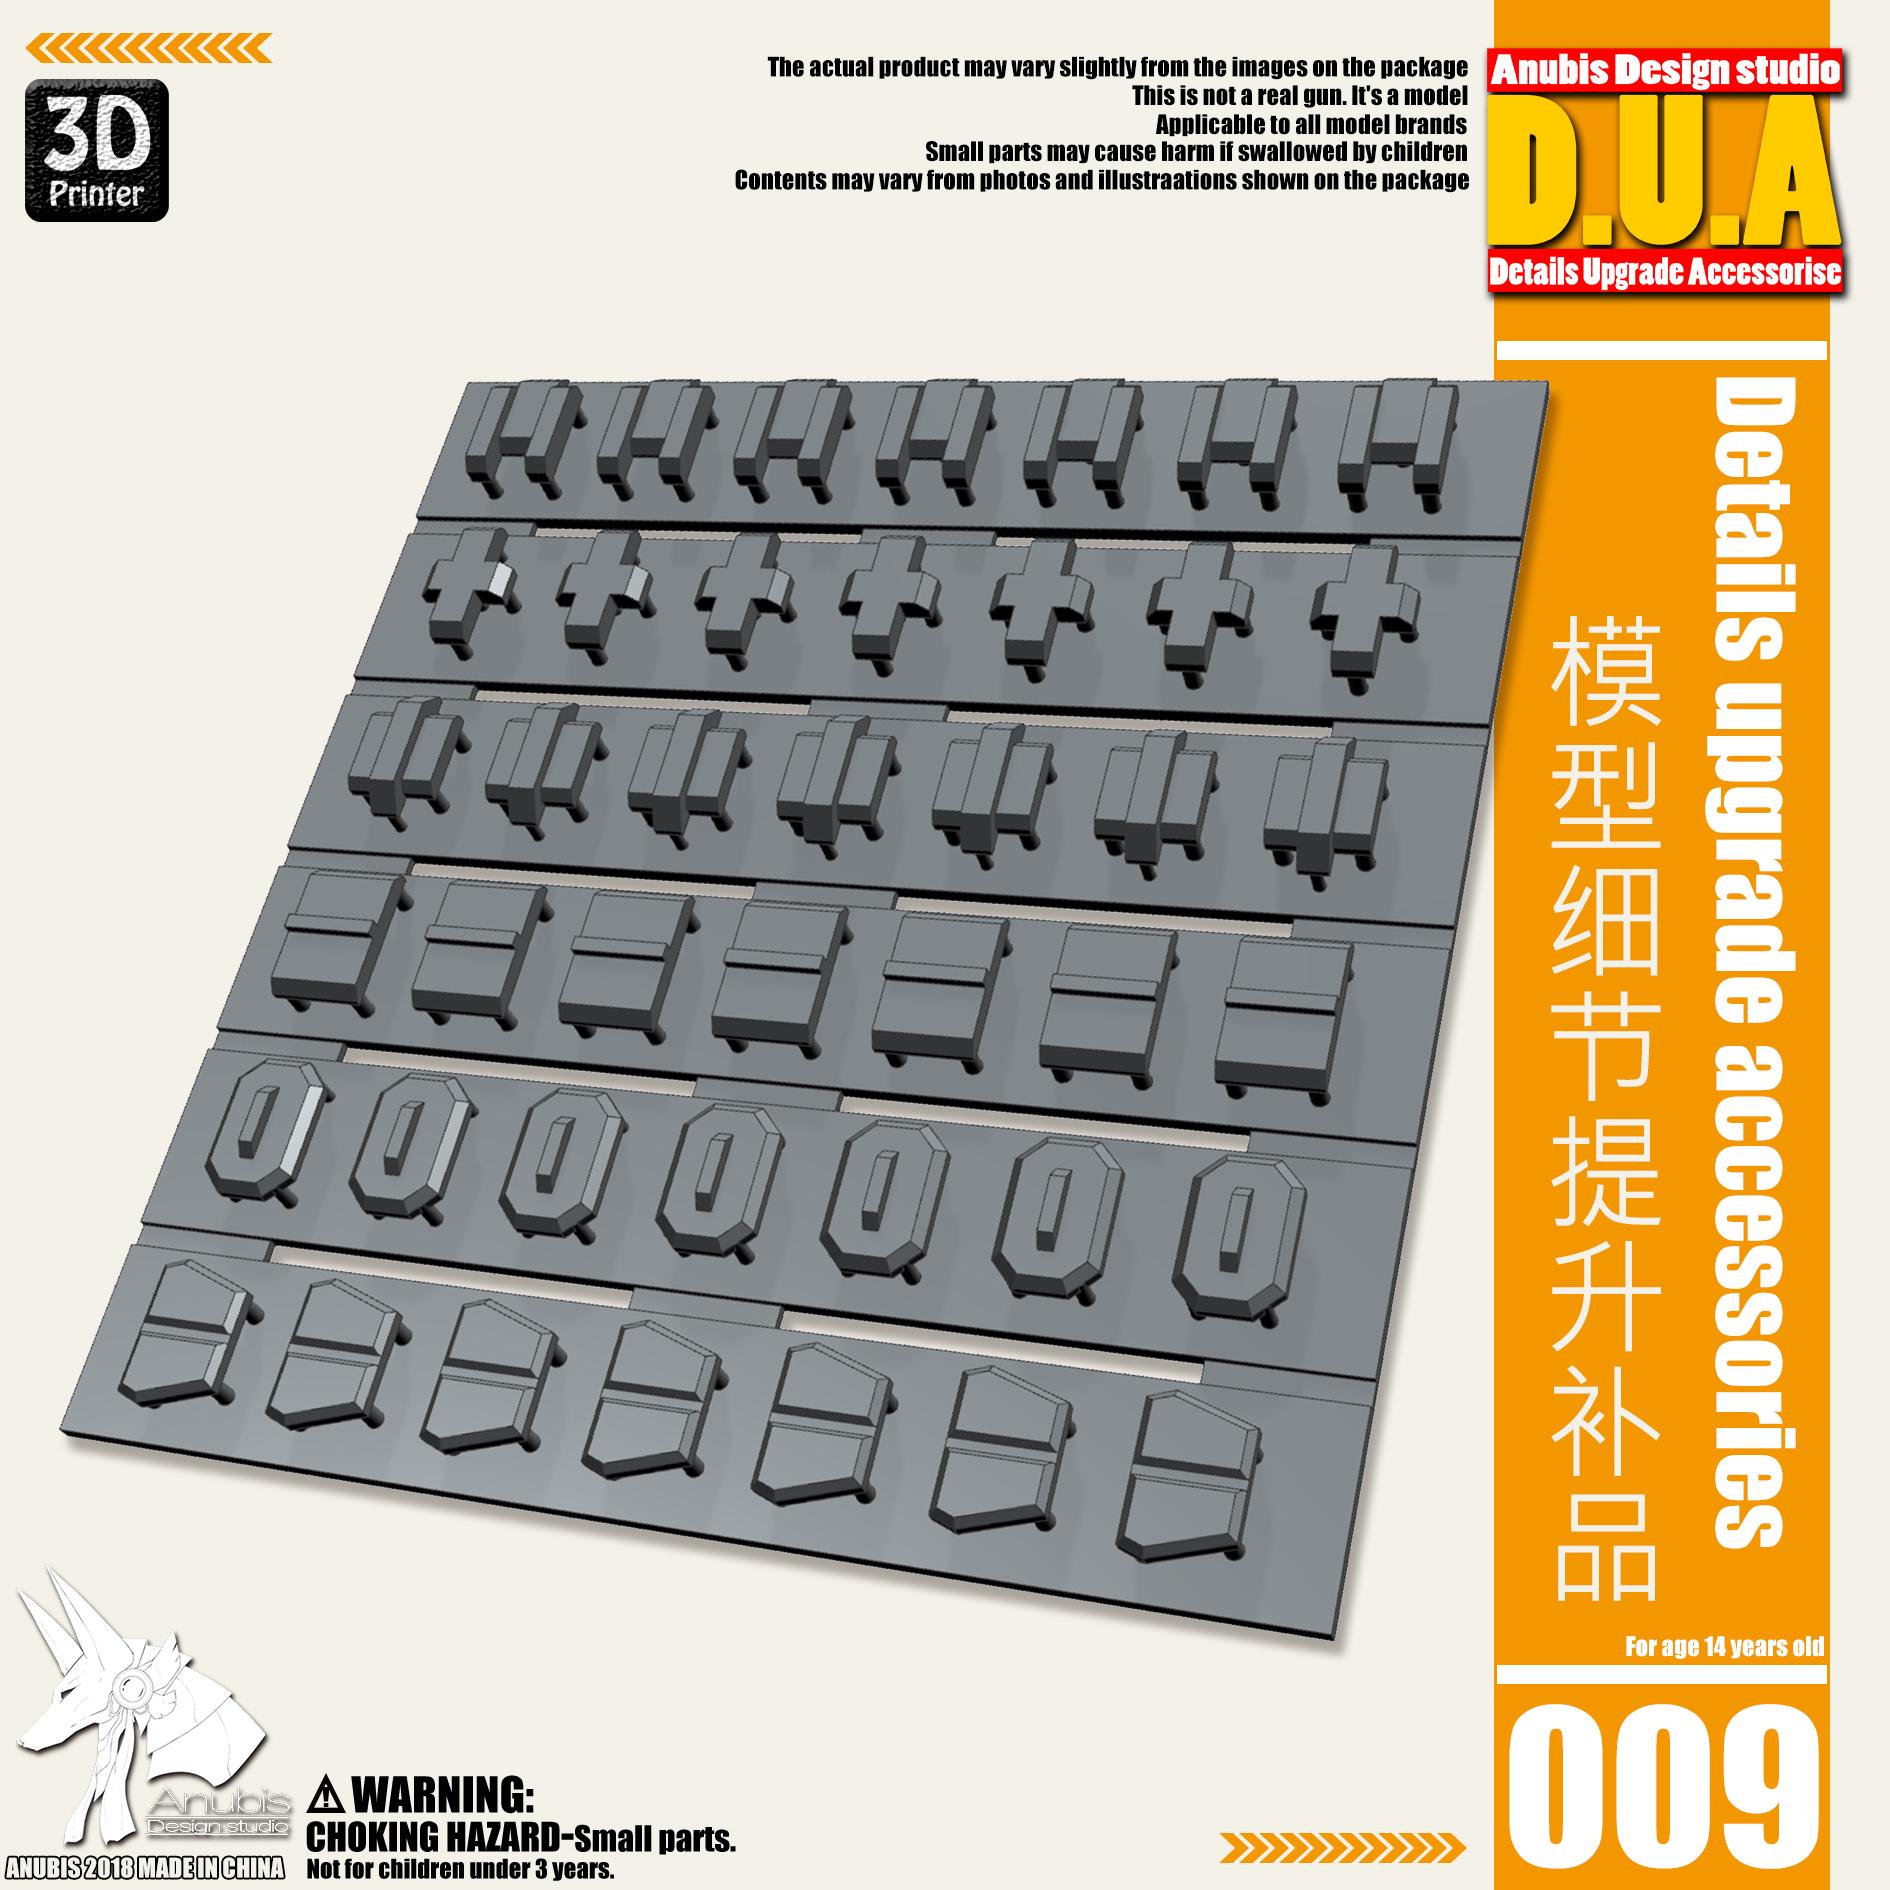 G413_DUA009_001.jpg